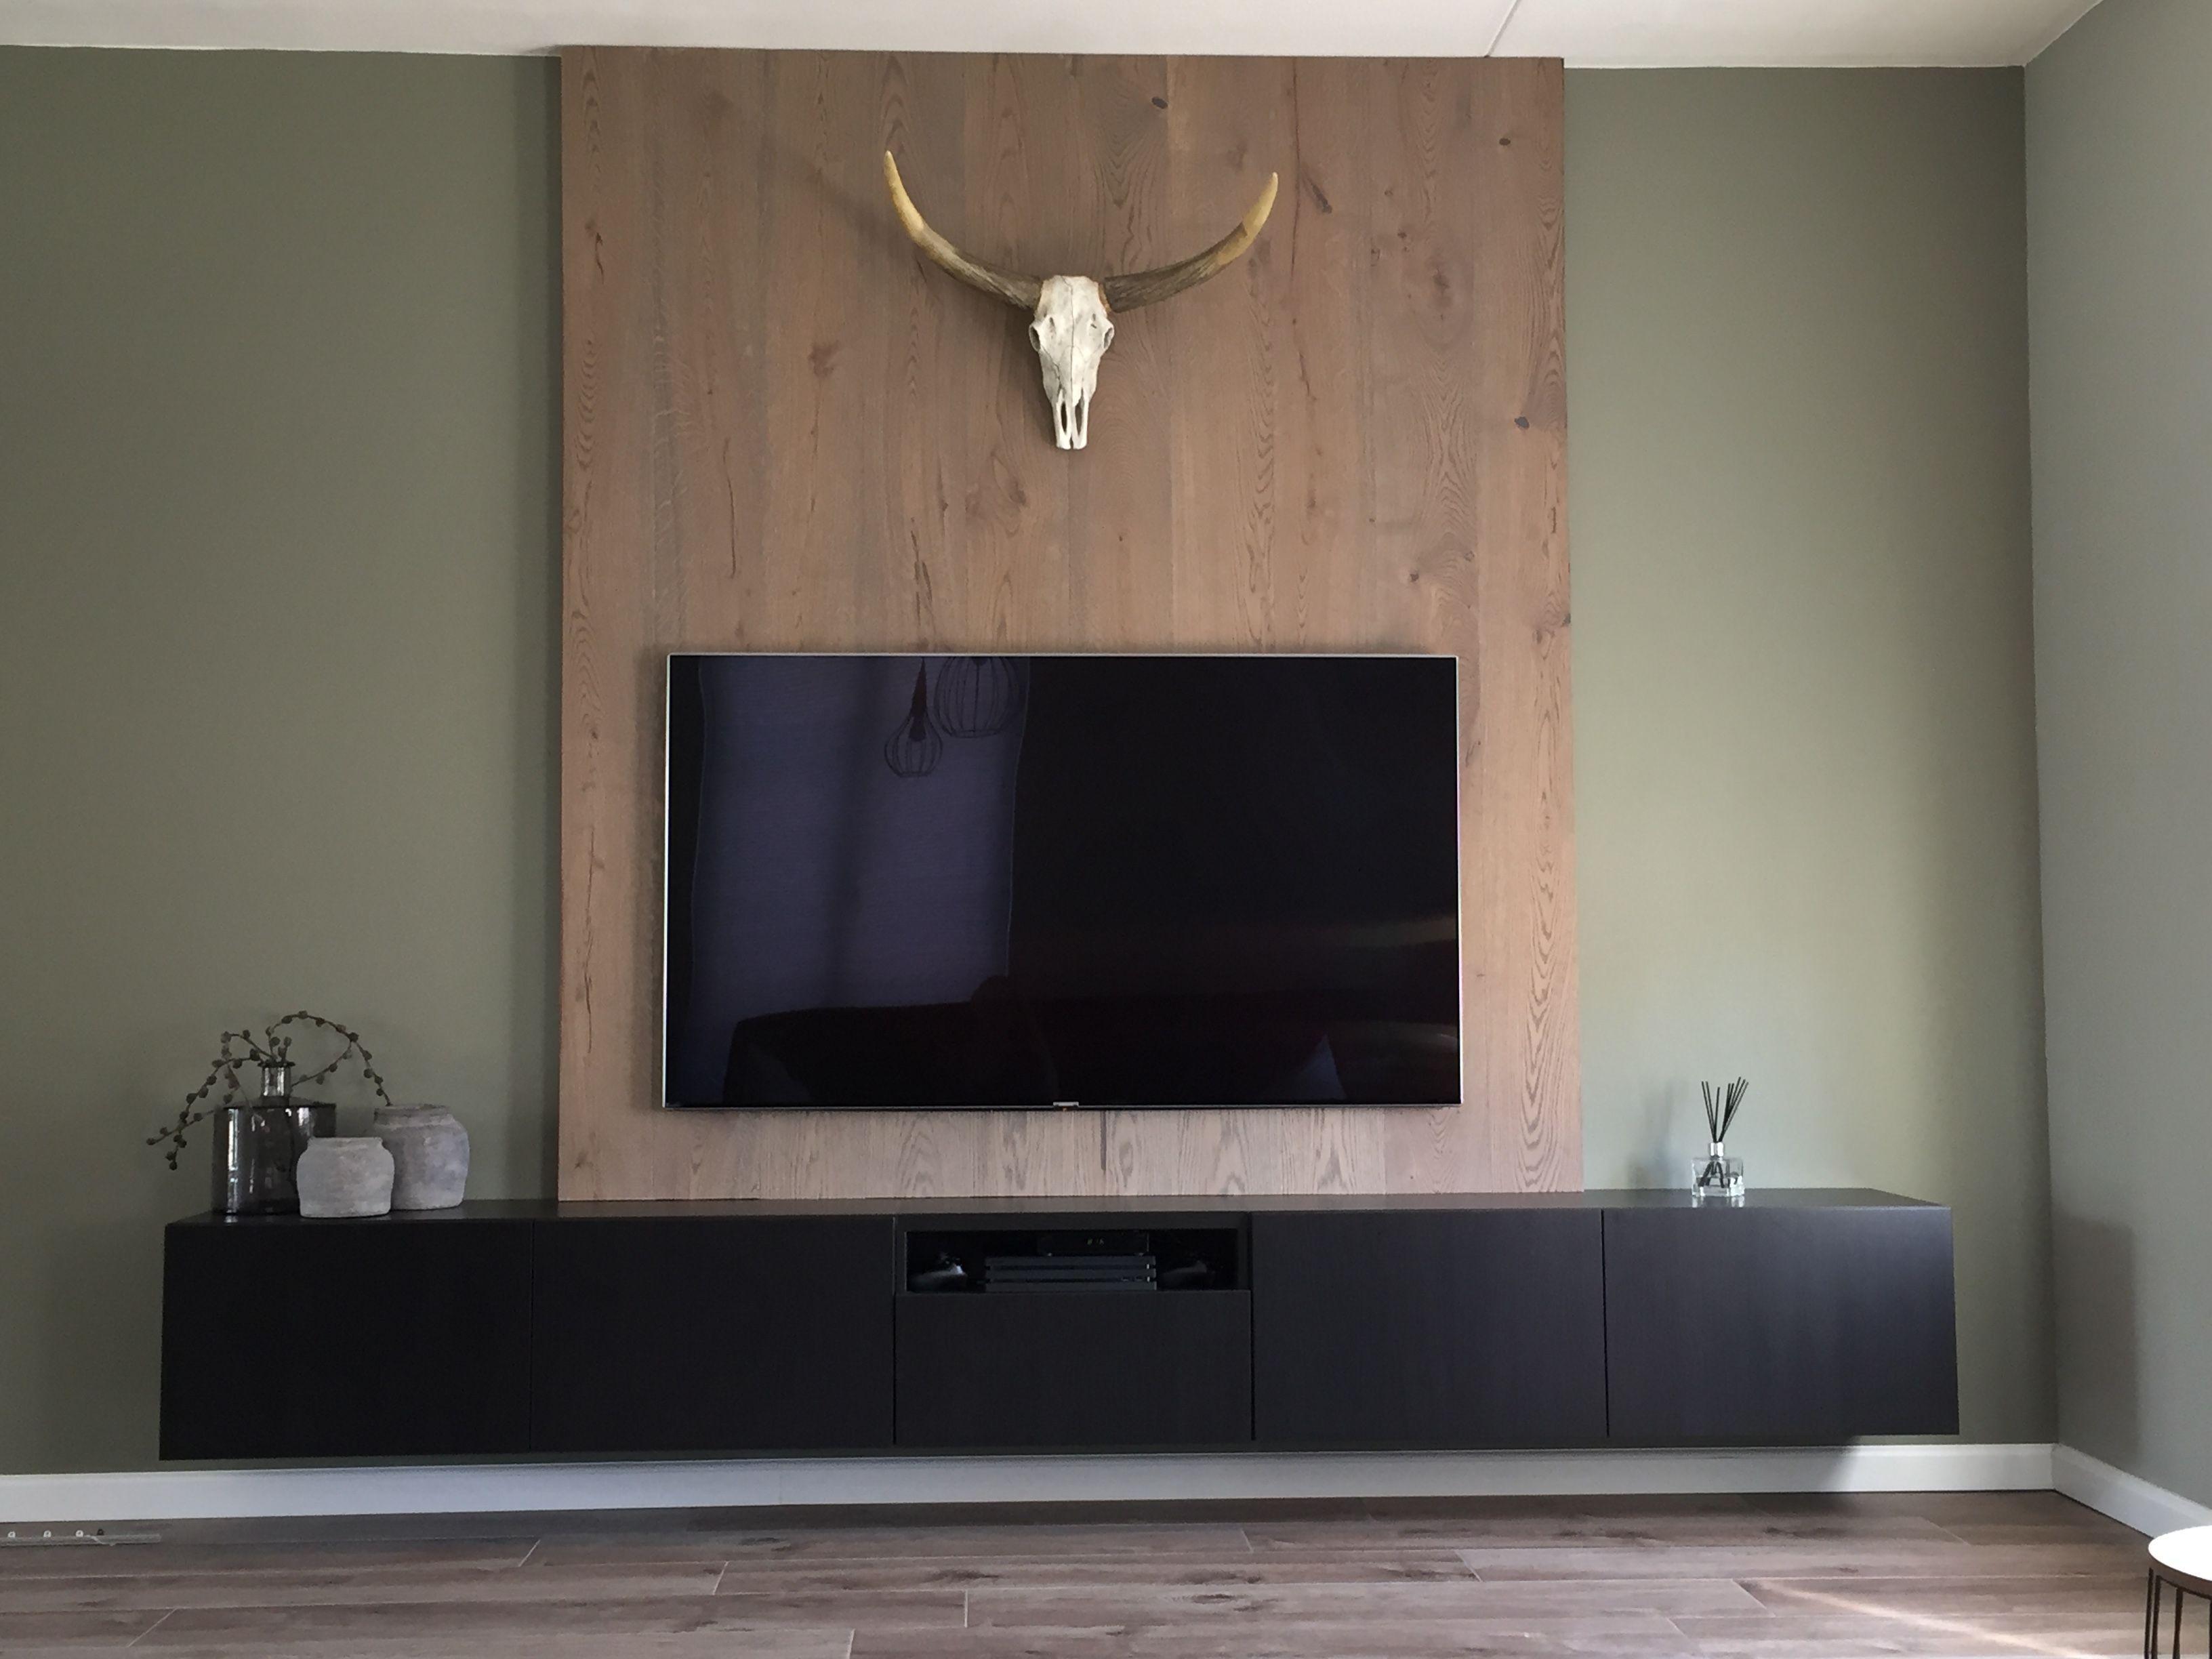 Tv Tafel Ikea : Ikea tv kasten ikea lage kast 293884 mijn tv meubel emil